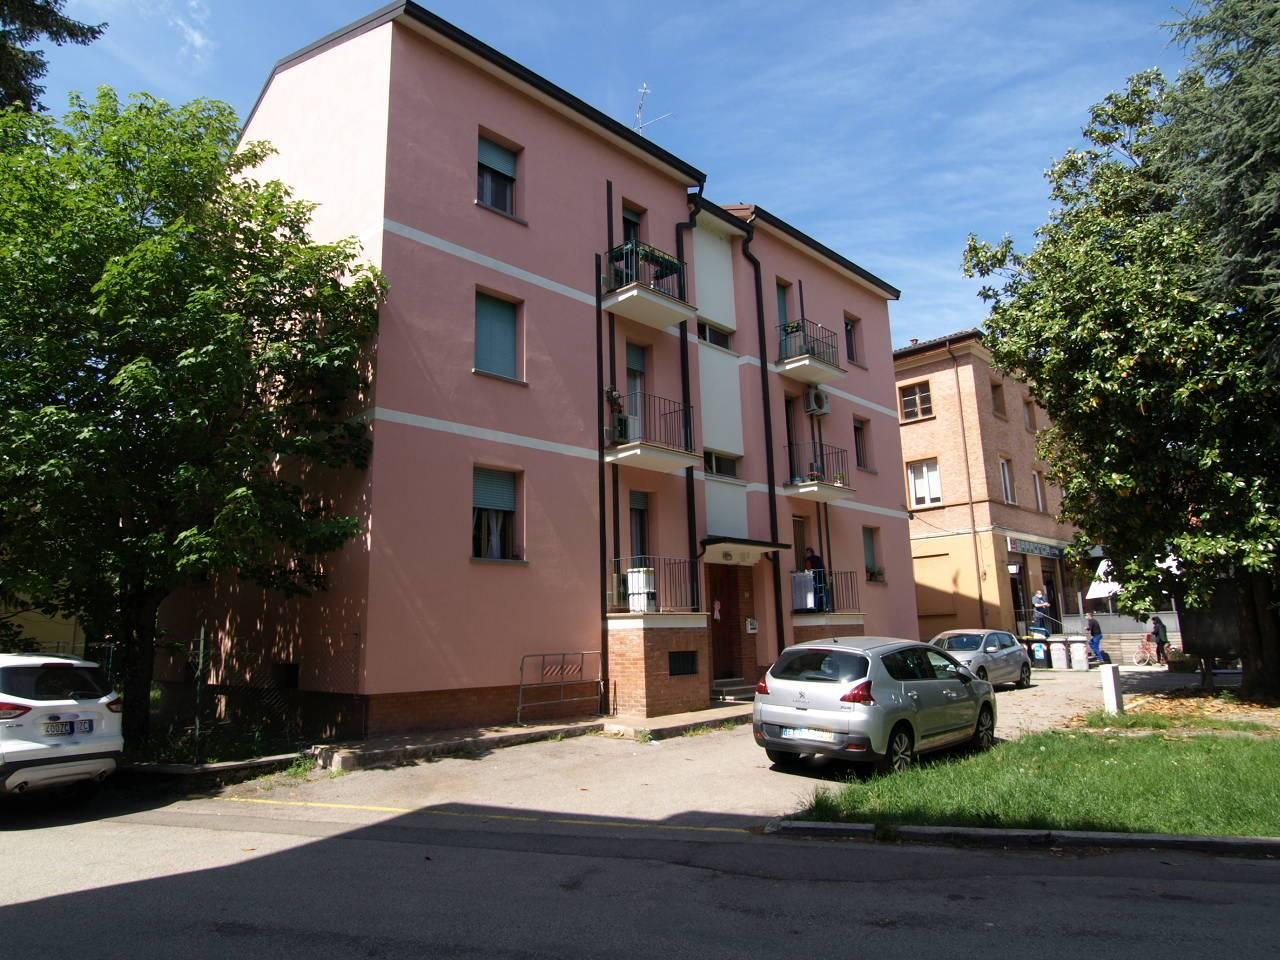 Appartamento in vendita a Valsamoggia, 3 locali, zona Località: MONTEVEGLIO, prezzo € 119.000 | PortaleAgenzieImmobiliari.it